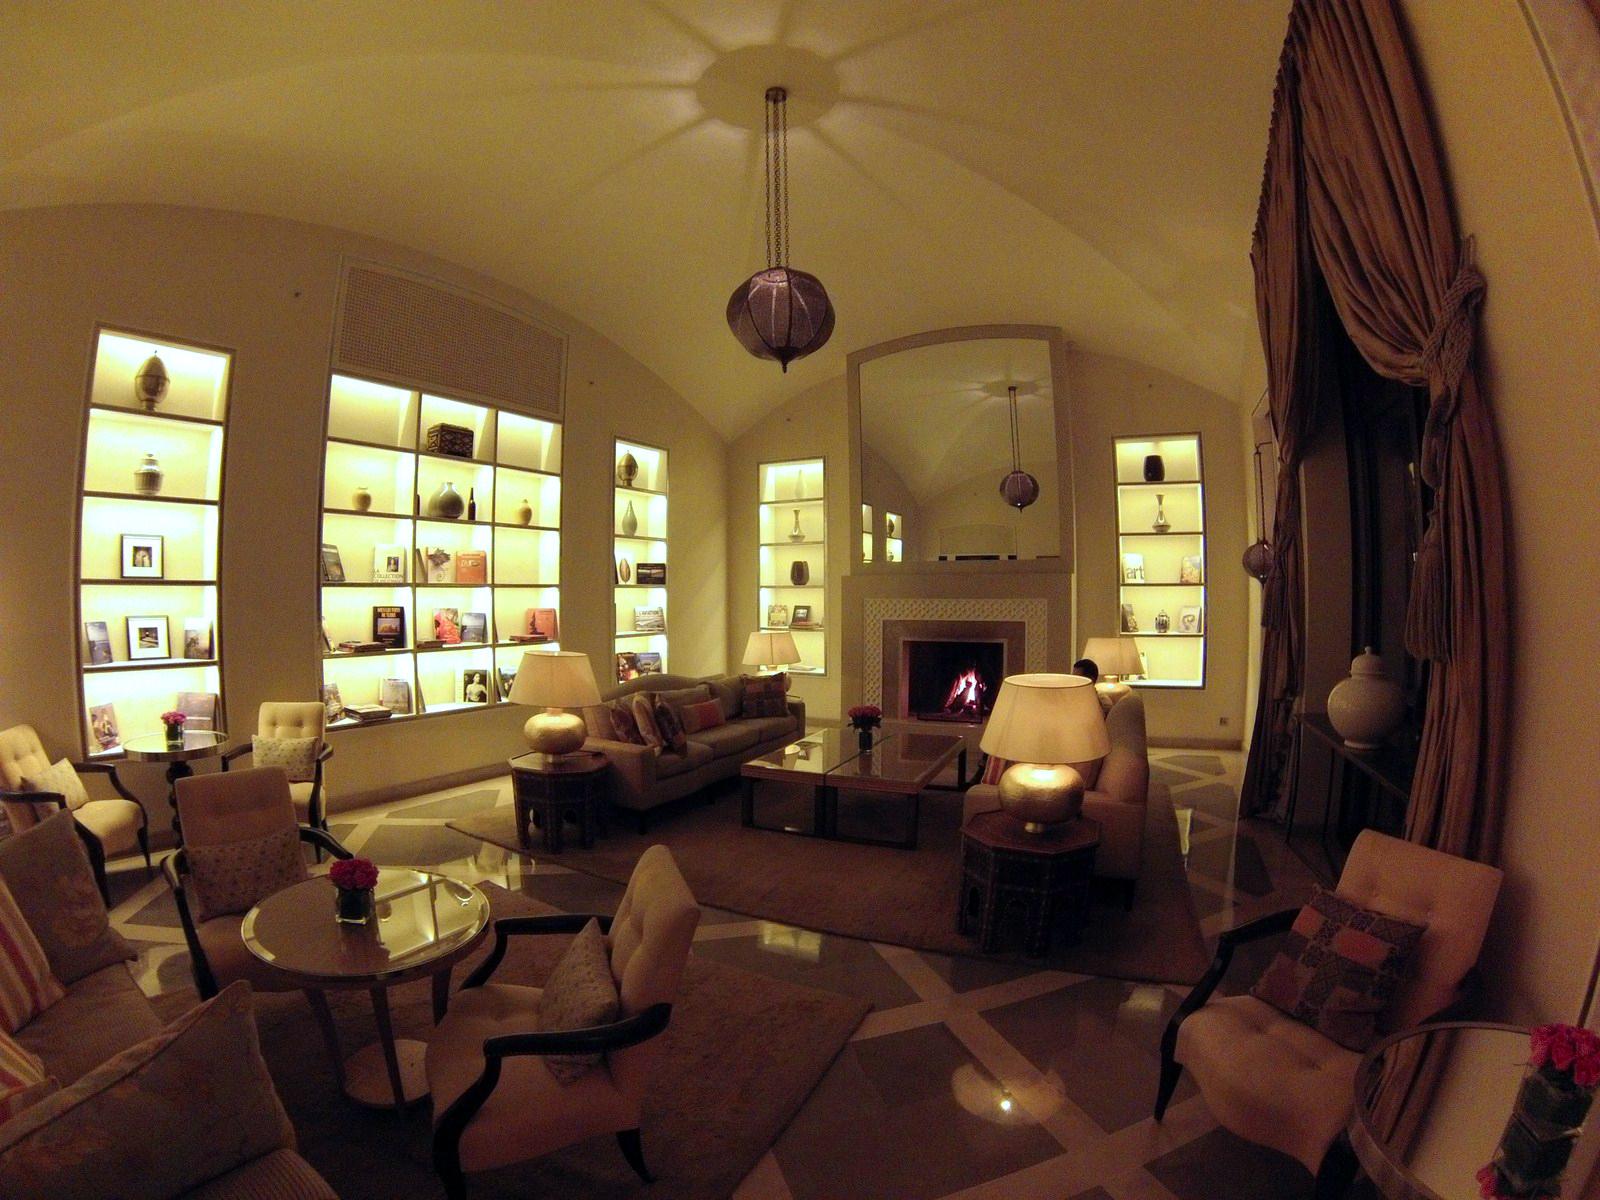 Nuestro salón preferido del hotel four seasons marrakech - 15720367578 e1dd5726be h - Four Seasons Marrakech, oasis en la ciudad roja